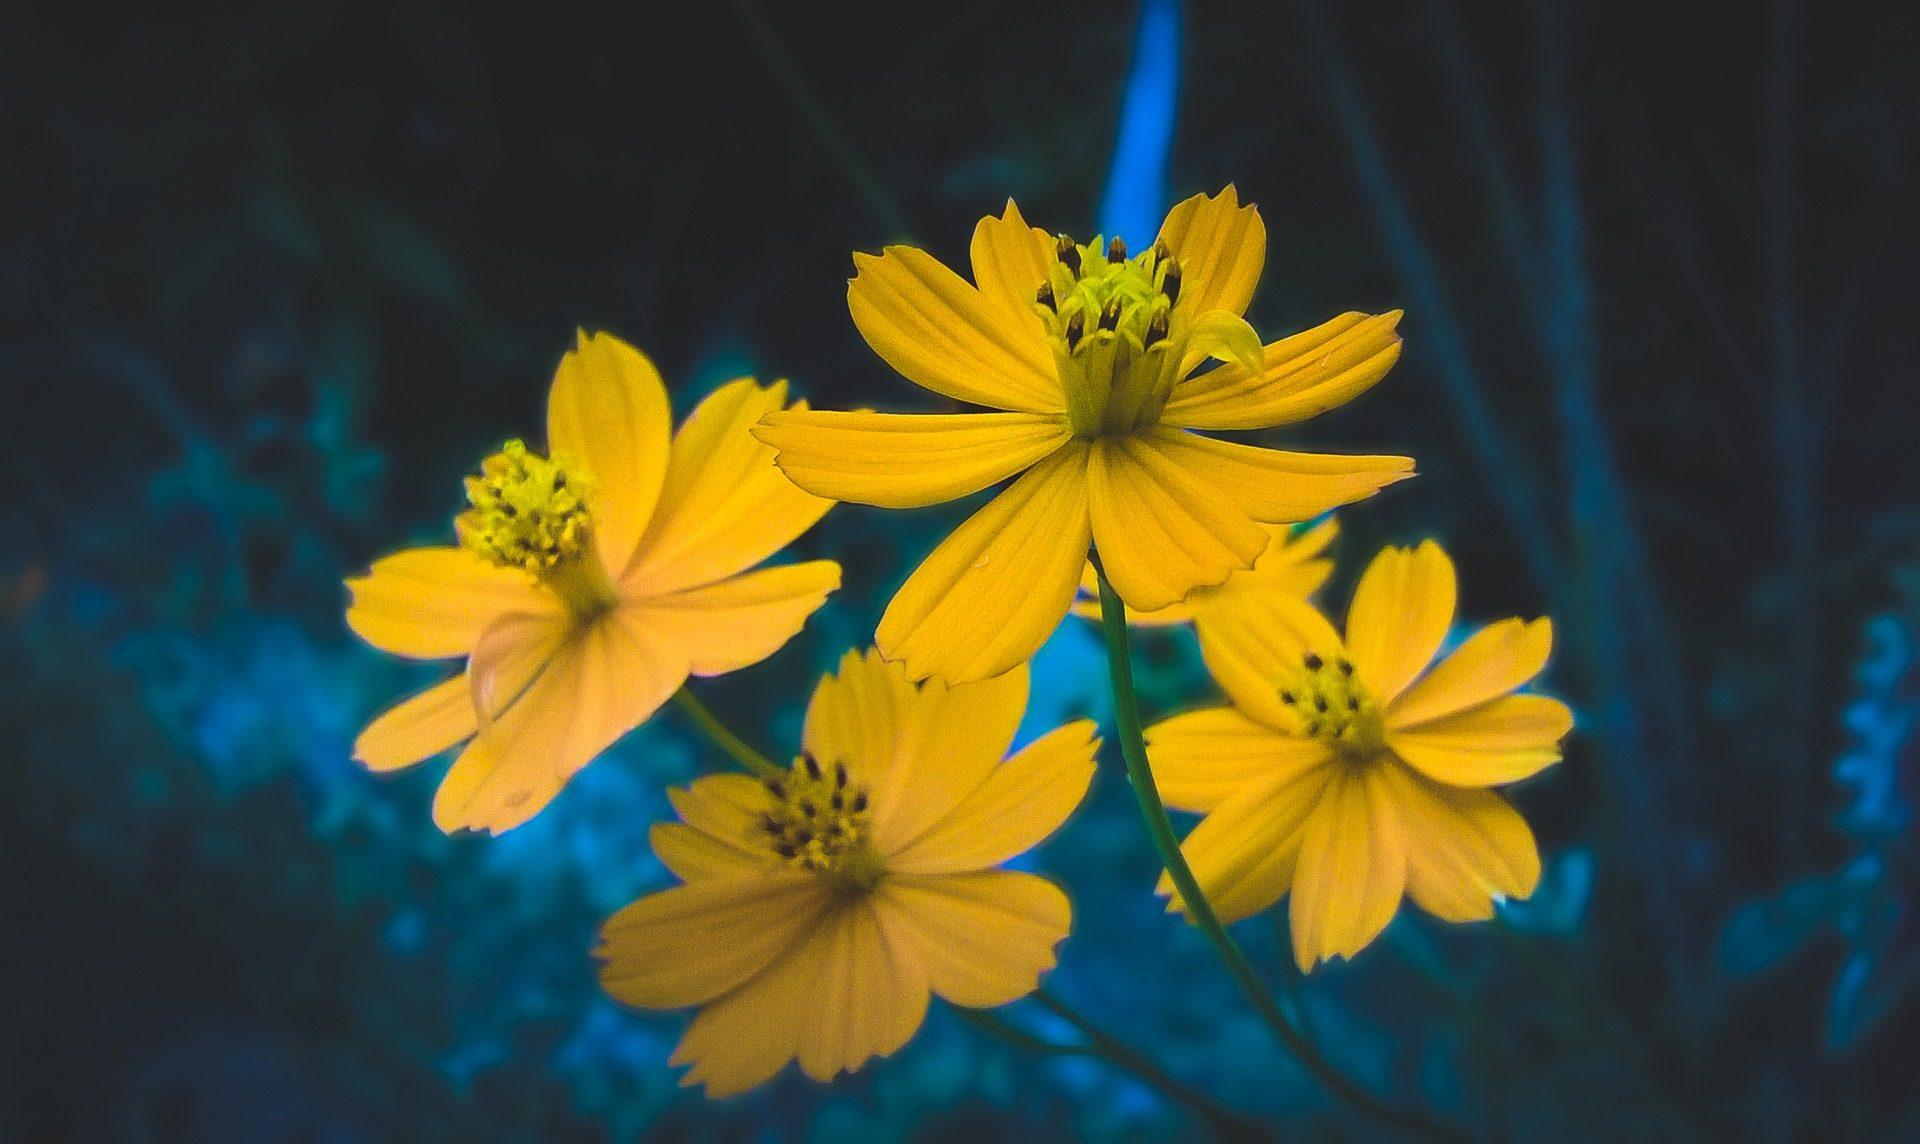 फूल, पंखुड़ियों, पीले, पुंकेसर, रंग - HD वॉलपेपर - प्रोफेसर-falken.com